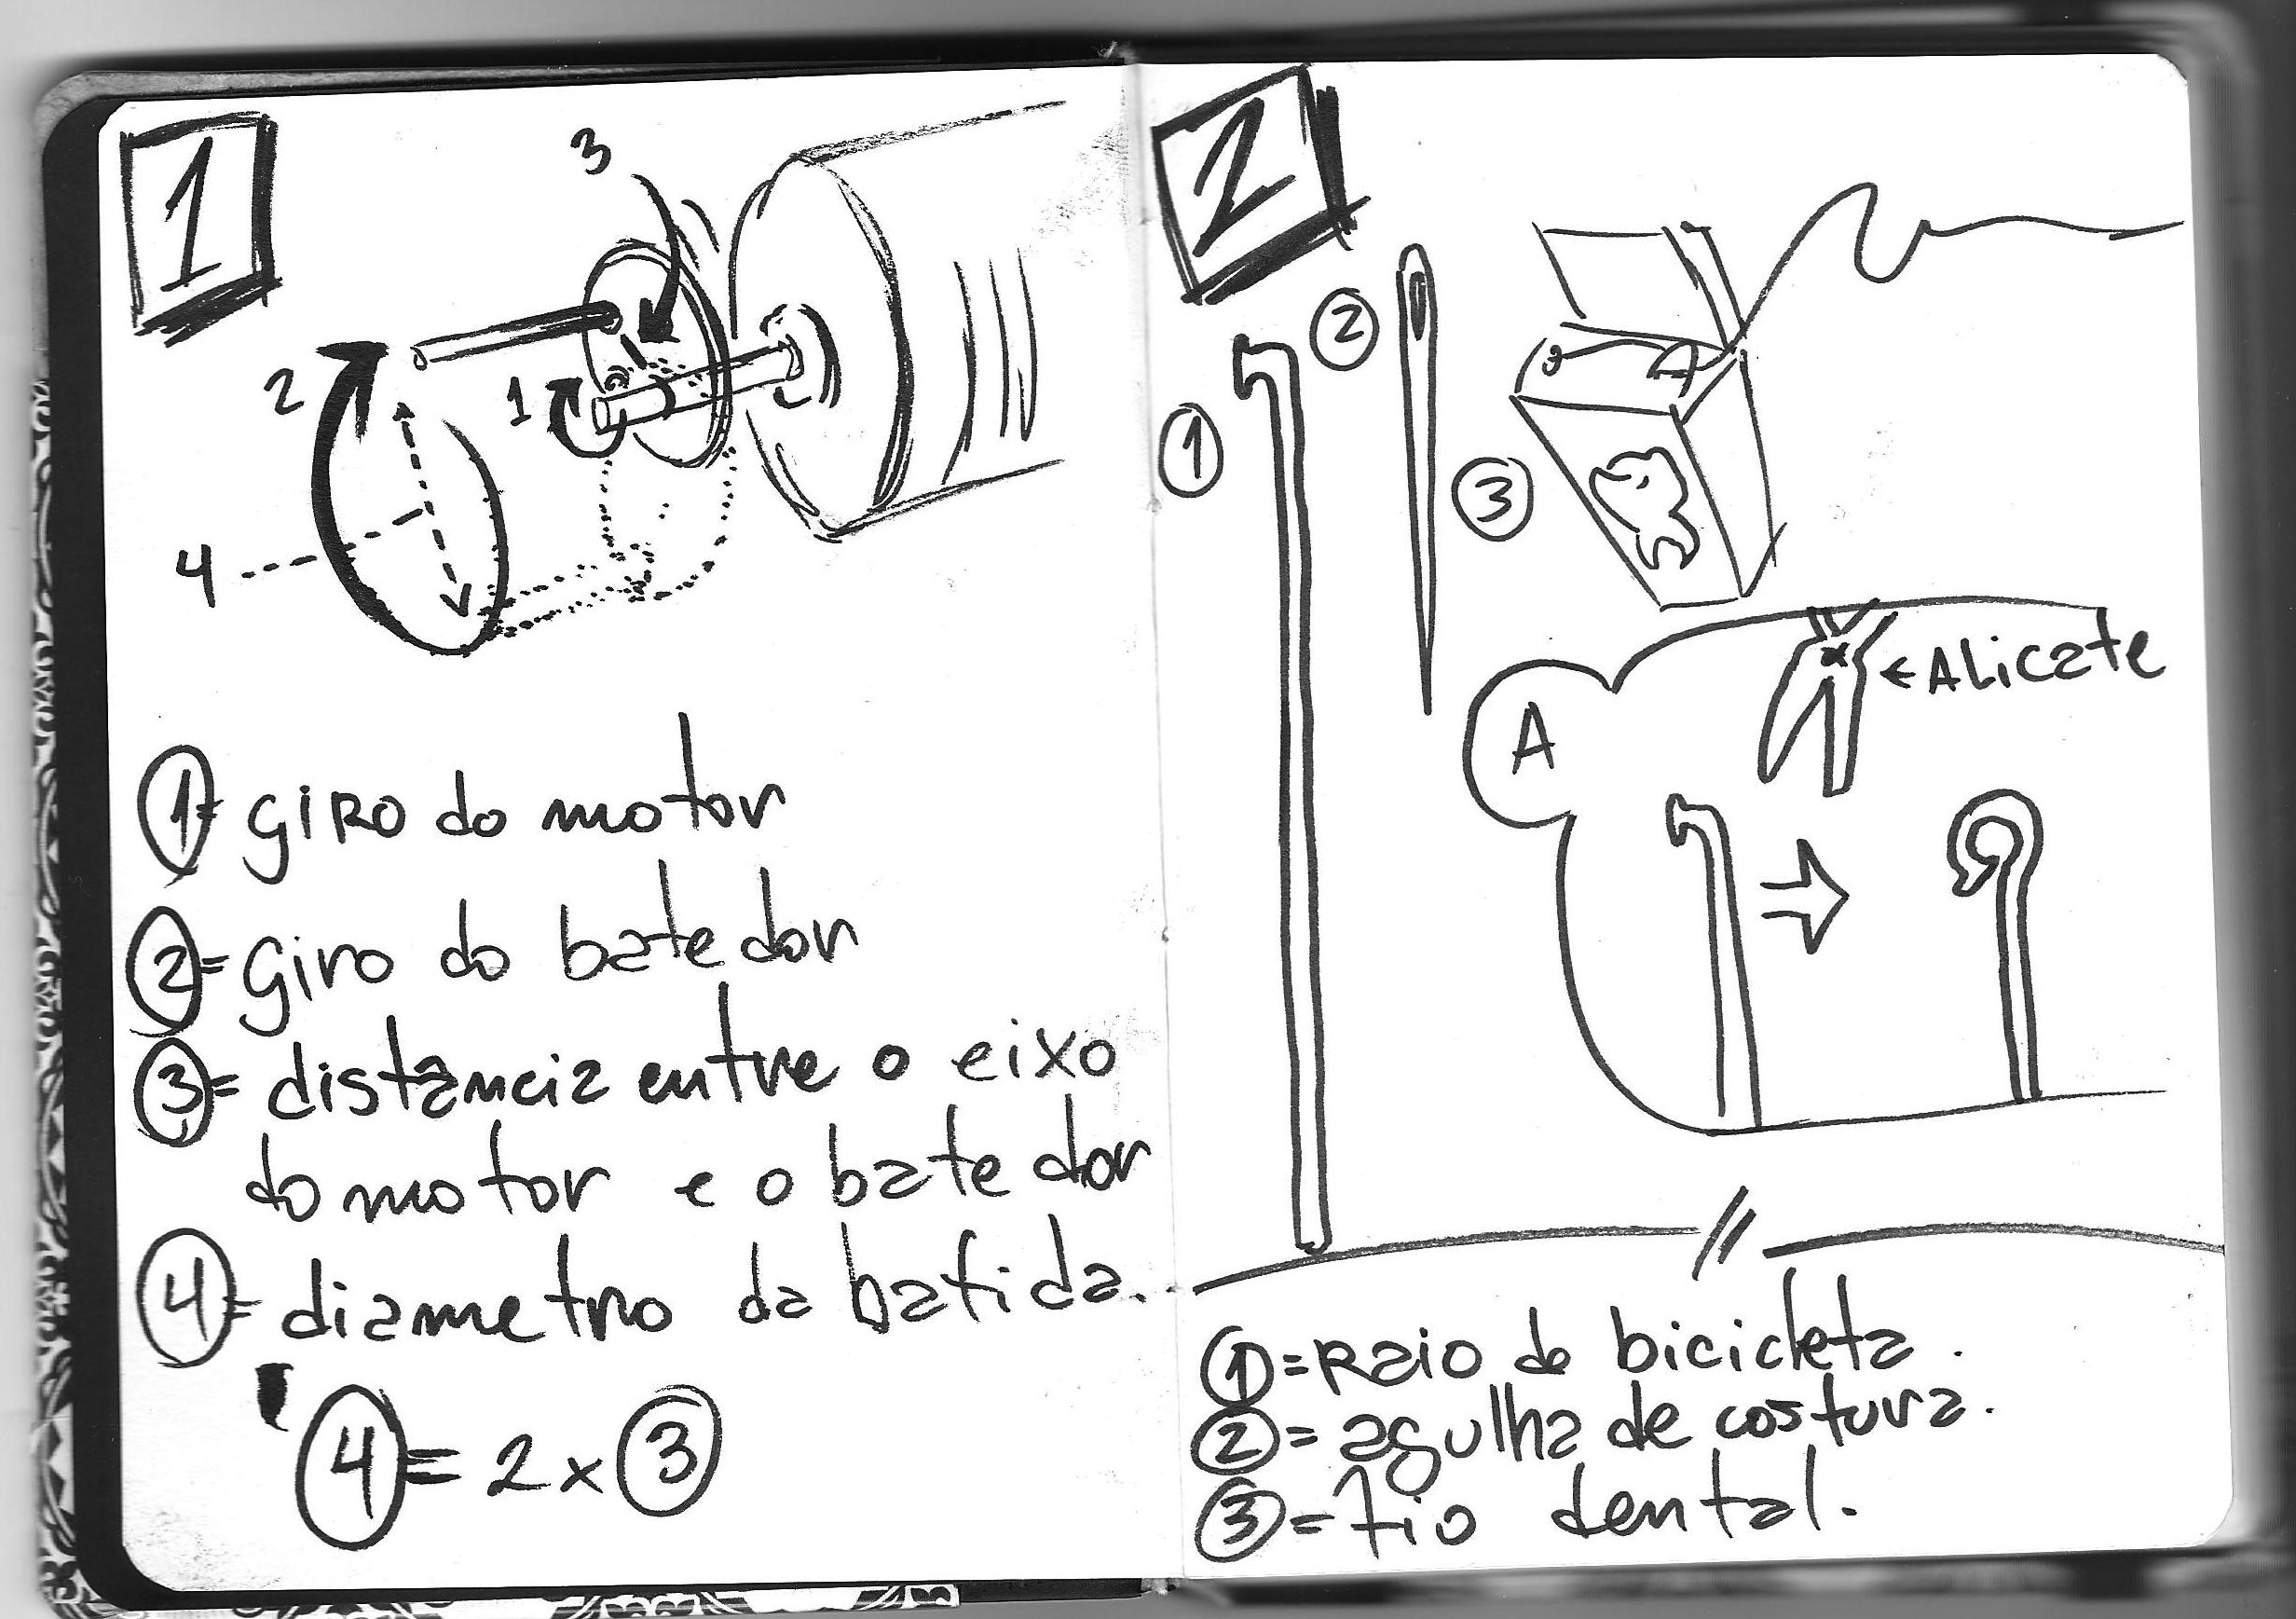 maquina_de_tatuagem-tattoo-machine-1.jpg